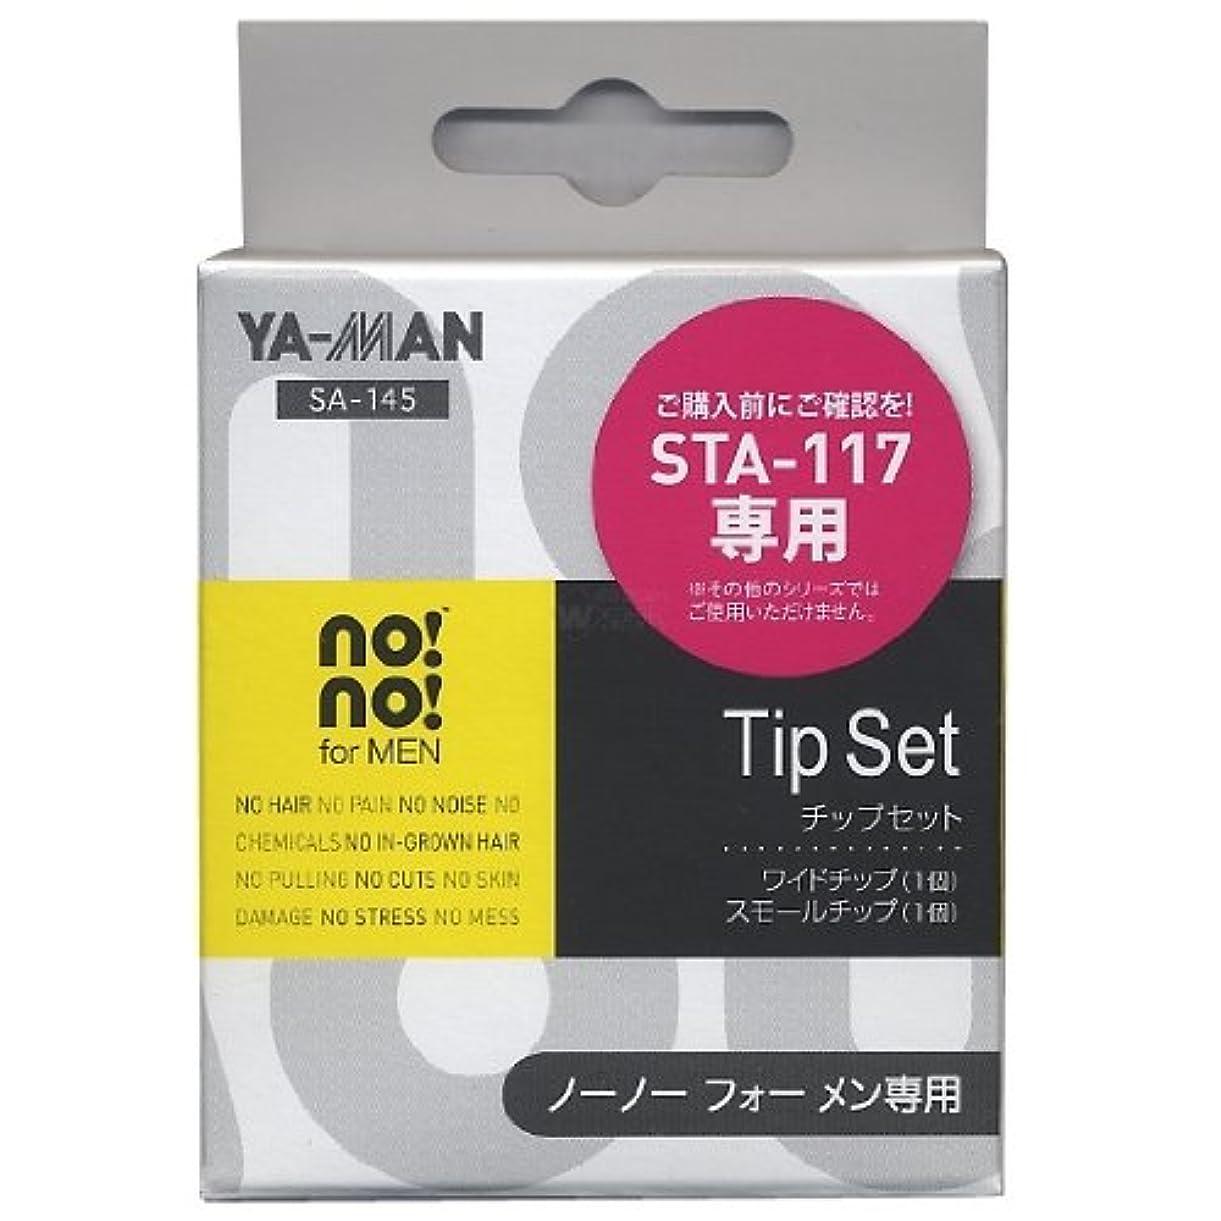 蒸気ベーコン石膏ヤーマン ノーノーフォーメン 専用 ブレードチップセット ワイド×1 スモール×1 SA-145